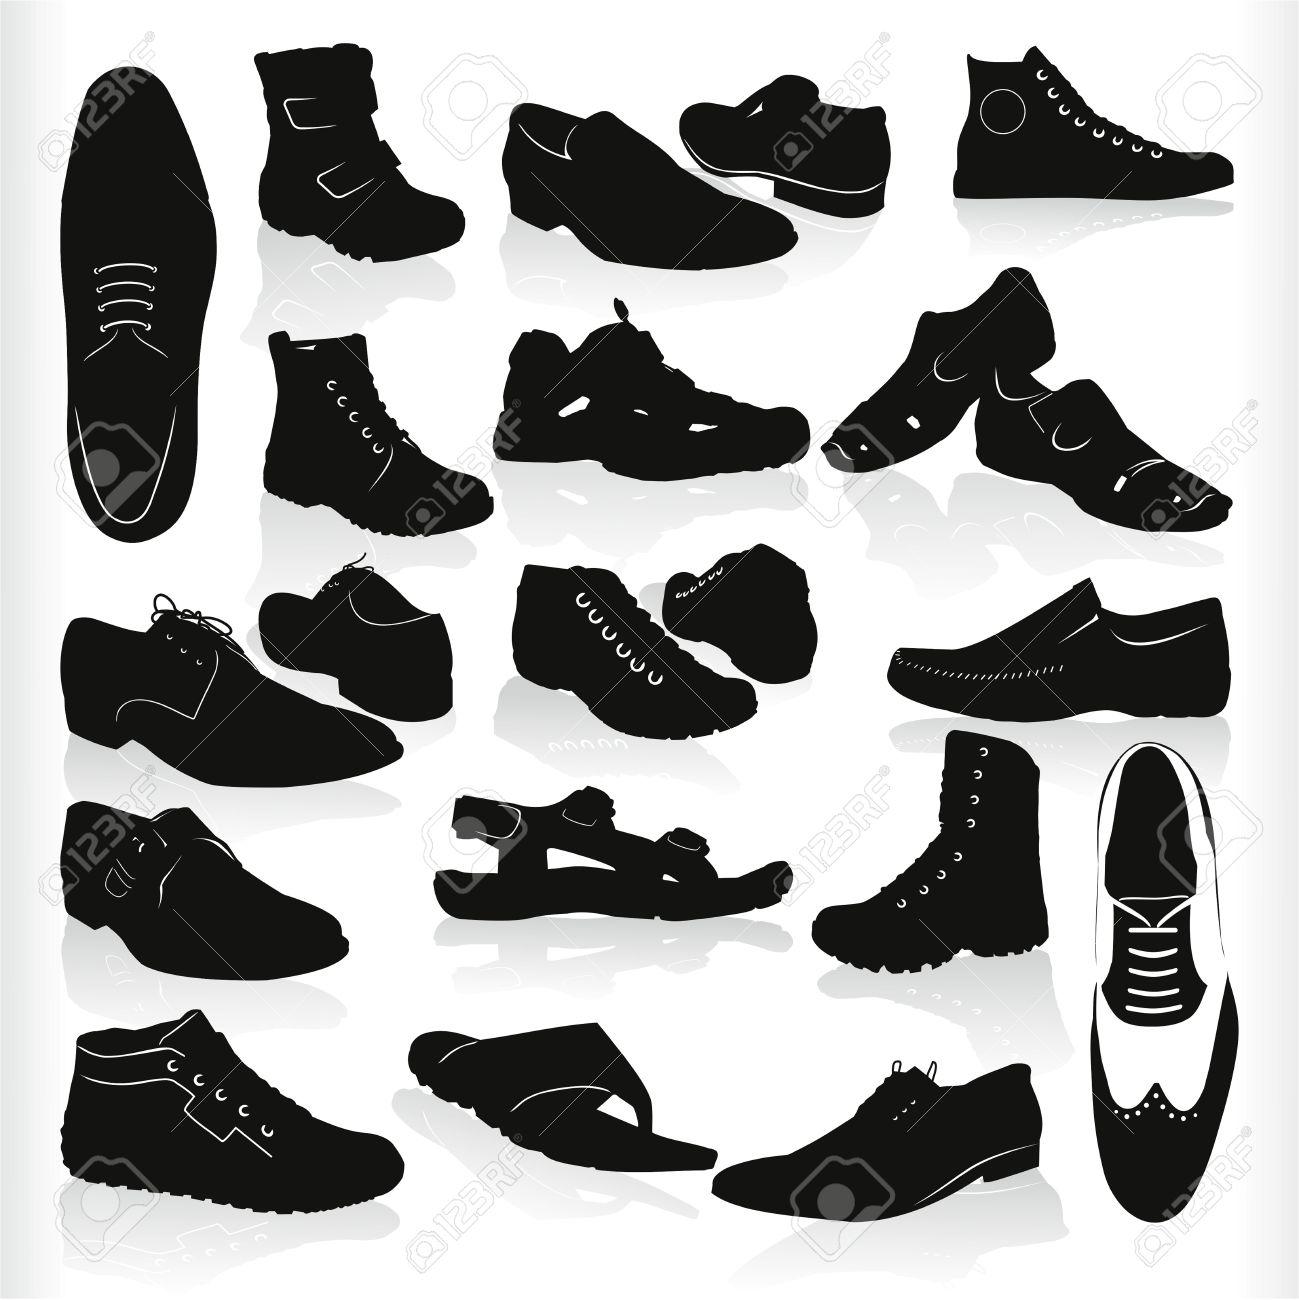 靴ひも メンズ モダンな黒い靴ベクトル イラスト・ベクター素材